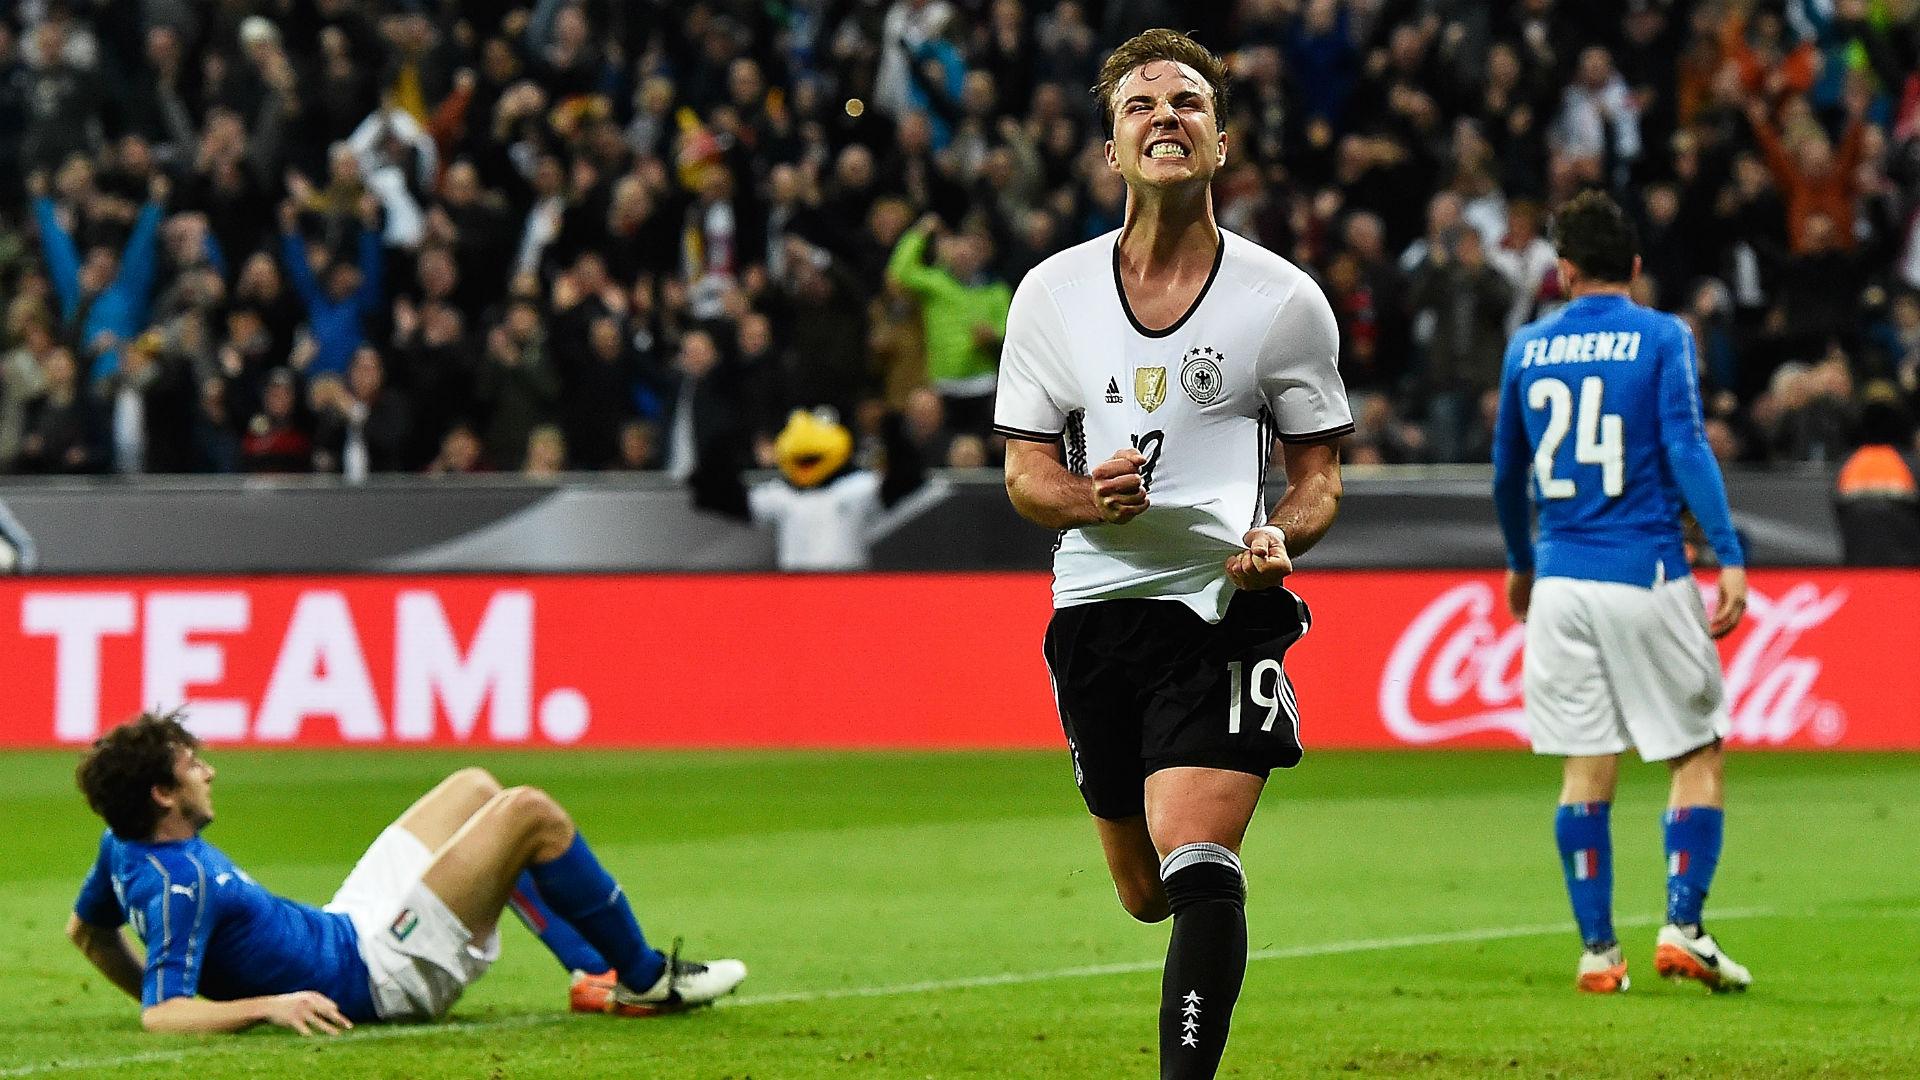 تأهل ألمانيا إلى نصف النهائي إثر فوزها على إيطاليا بركلات الترجيح